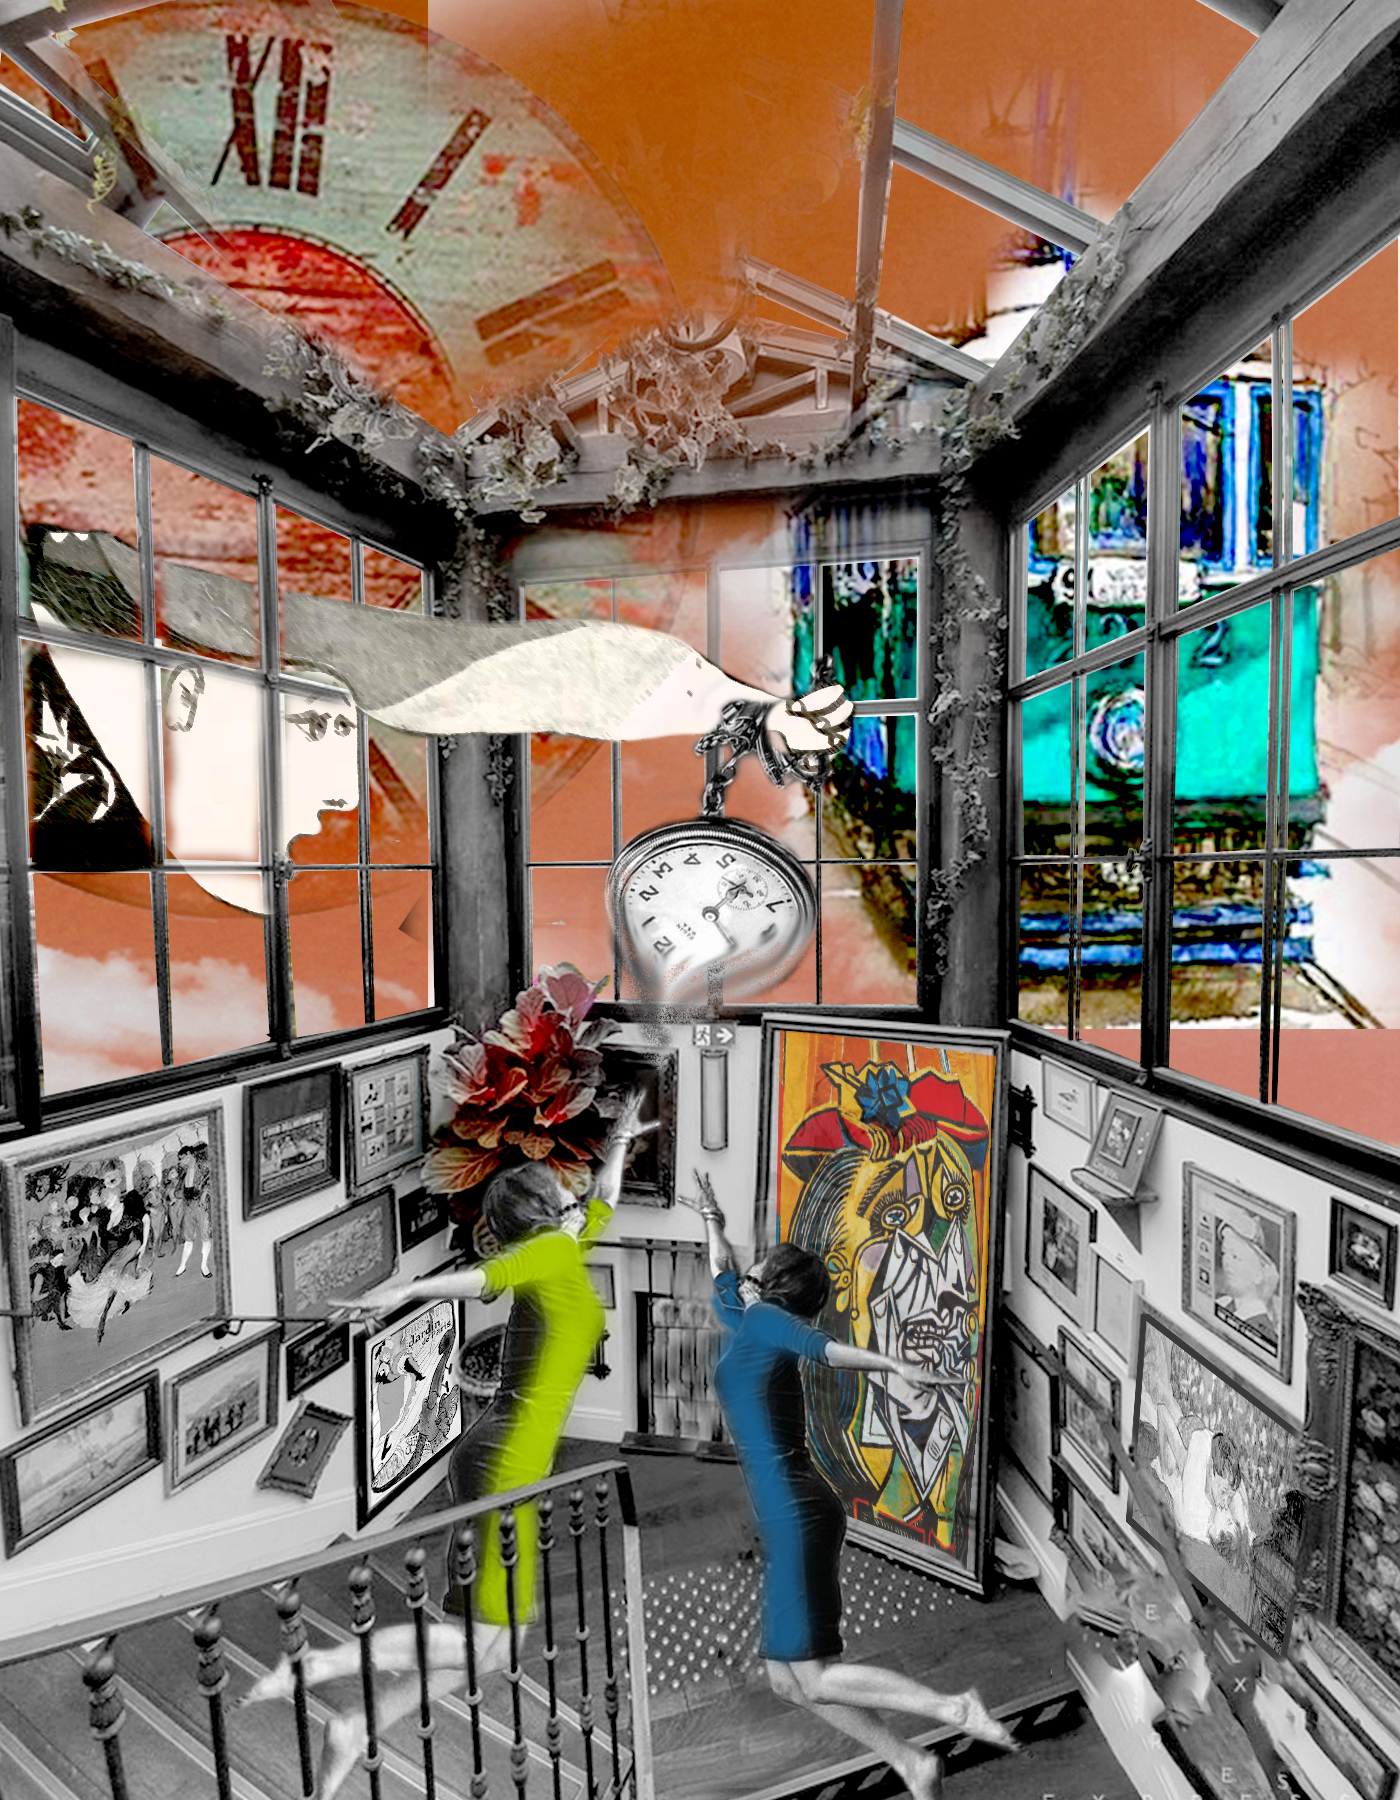 Collage galería pintura con Mujeres saltando y reloj del tiempo. Tranvía a través del ventanal. Loco Mundo Arte y Bohemia